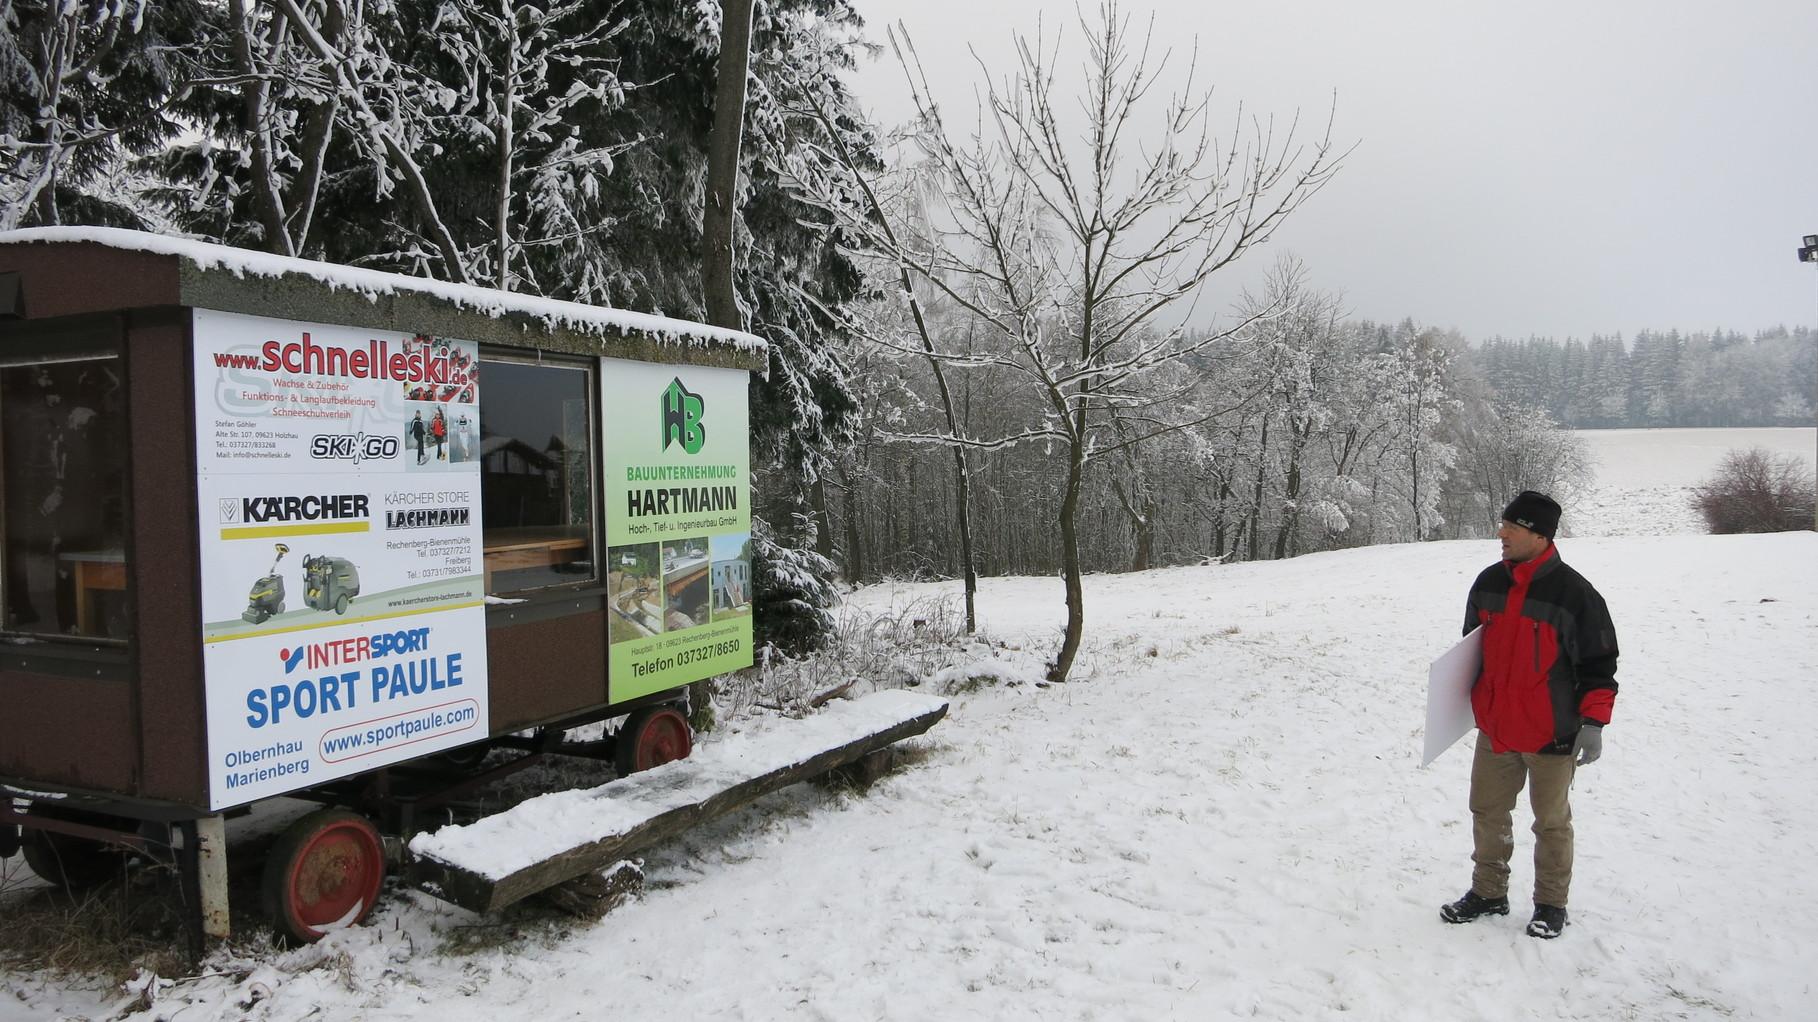 Zeitmessungen mit den Sponsoren SchnellerSki.de, Kärcherstore Lachmann, Sportpaule und Hartmann-Bau.